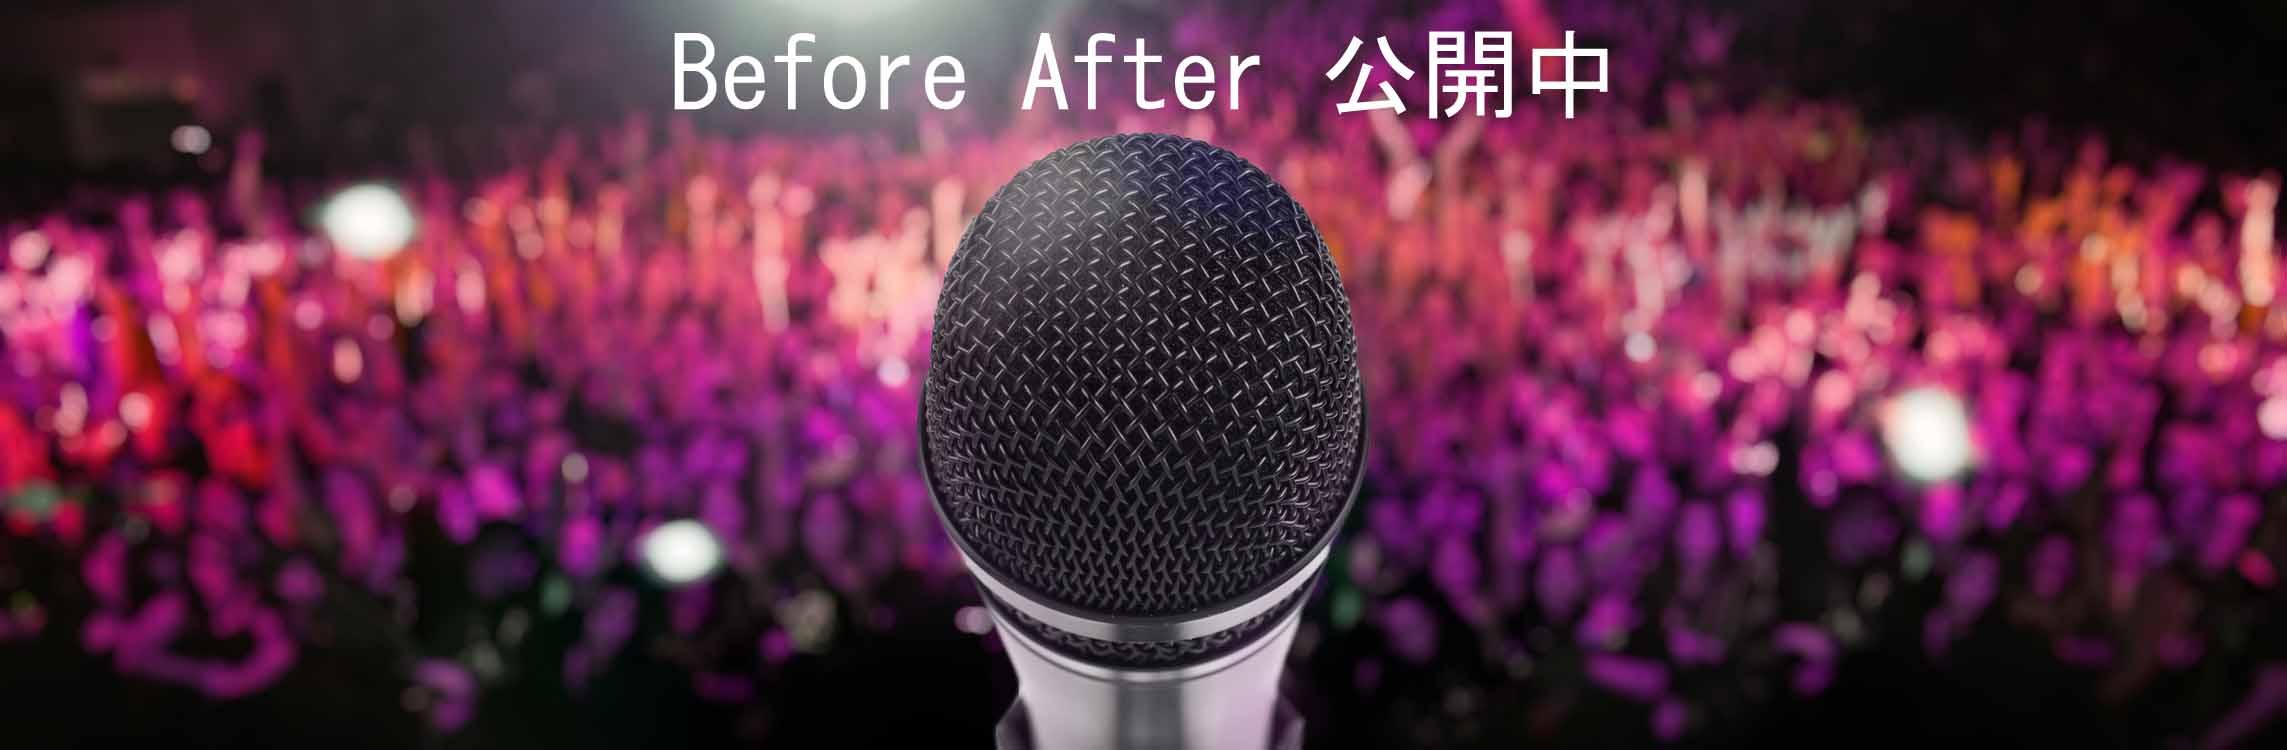 東京ボイストレーニングKISS MUSIC 頭式呼吸ボイトレ・ボーカルレッスン